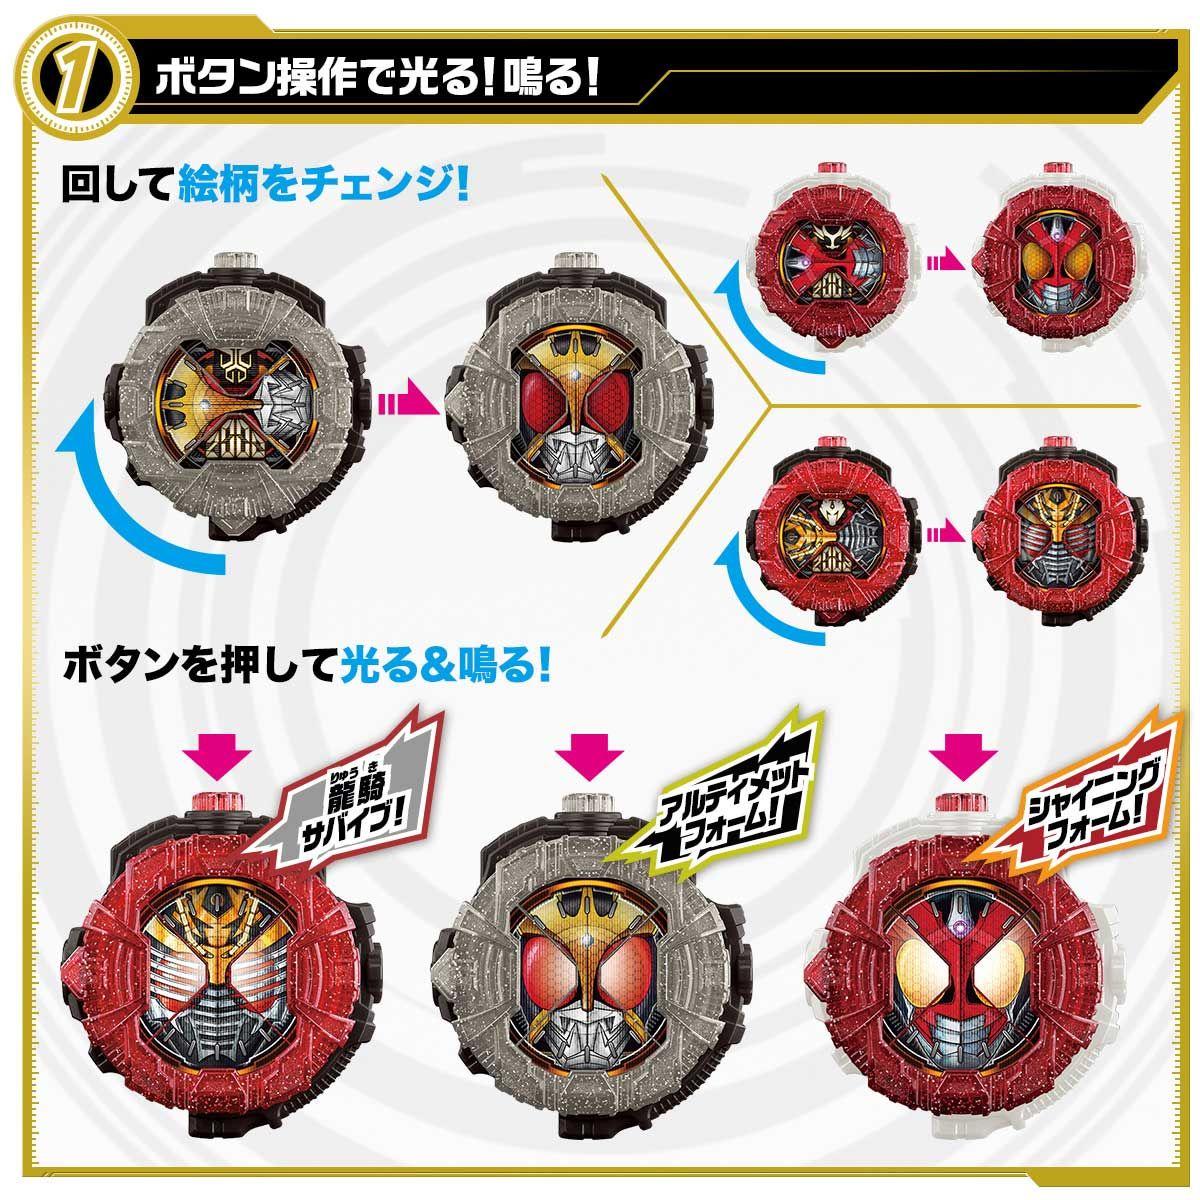 仮面ライダージオウ『DXライドウォッチセットVOL.1』変身なりきり-003